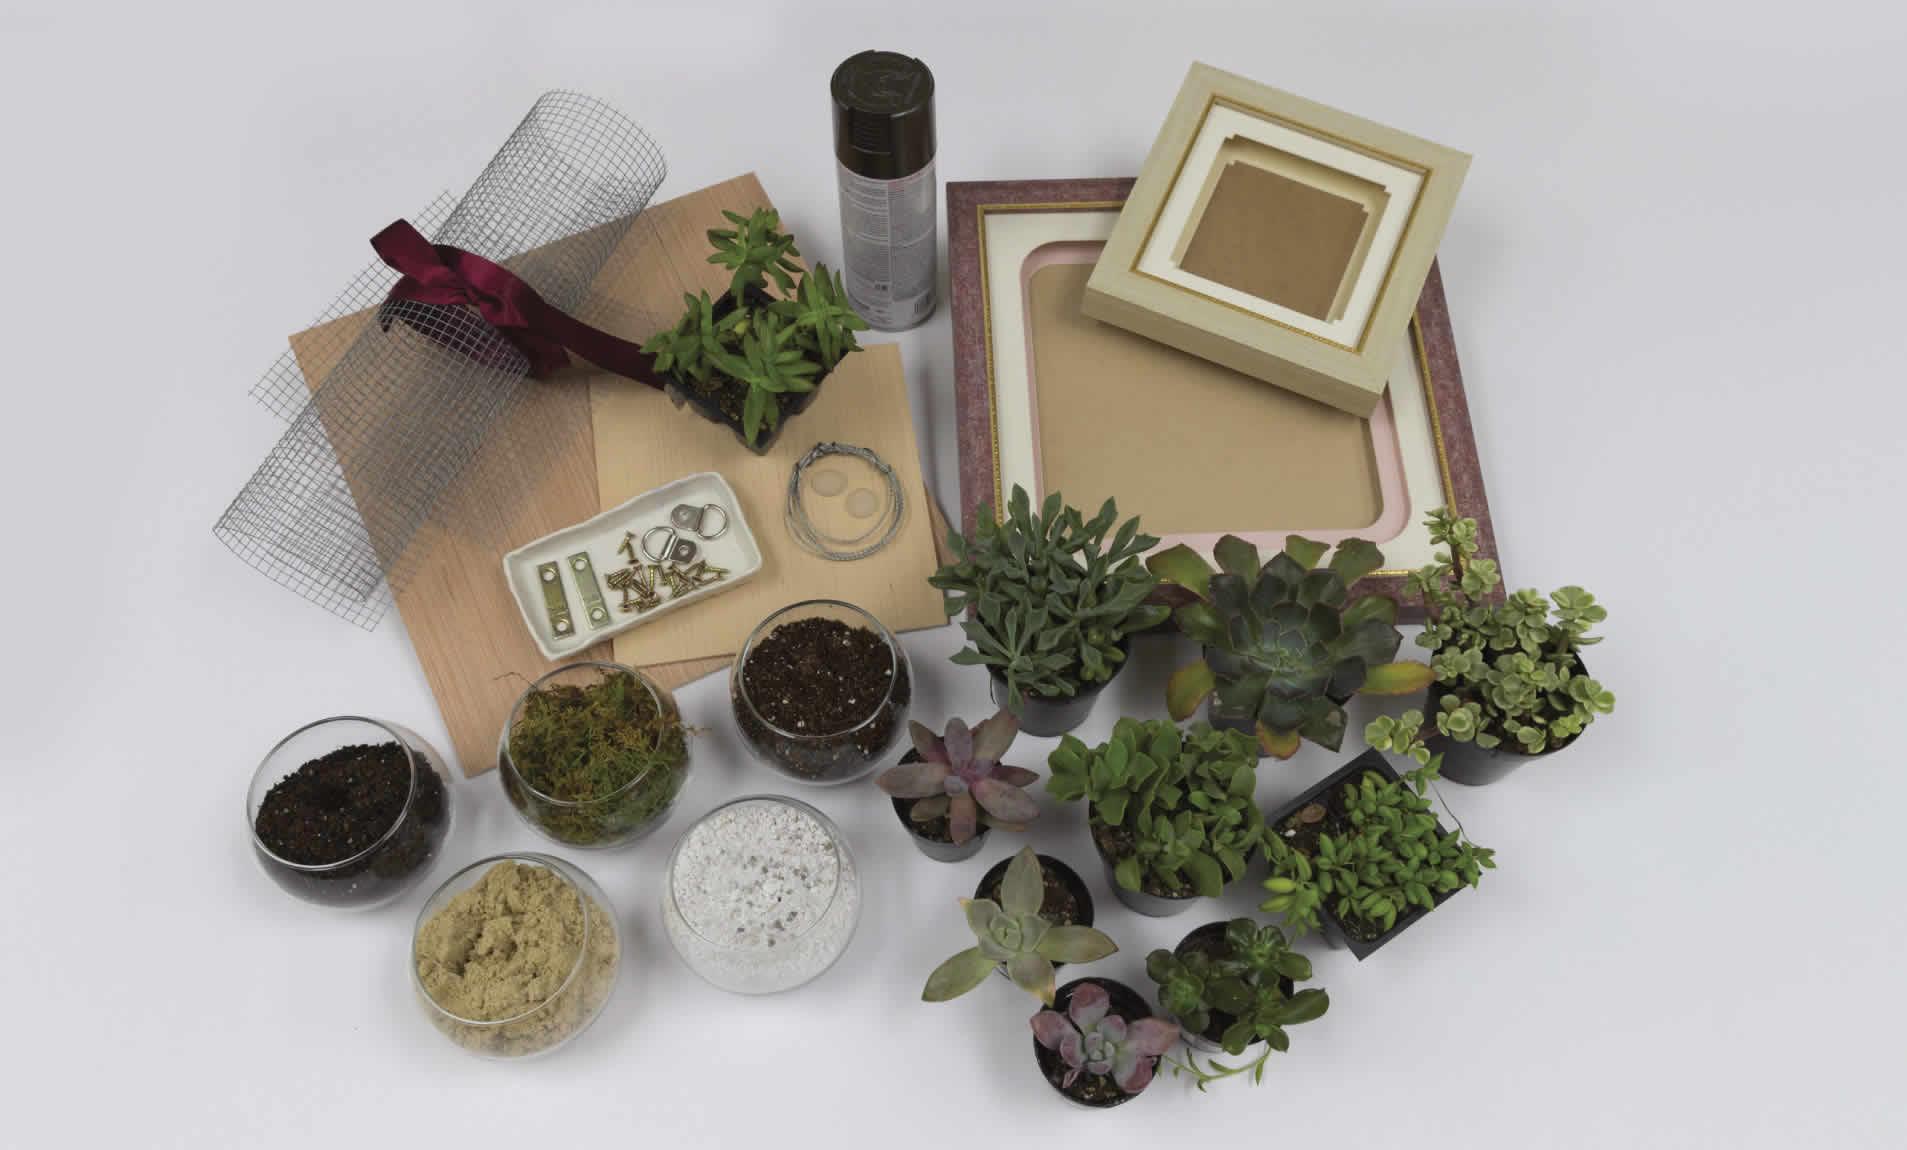 vert-succulent-garden-arrow-project-supplies.jpg